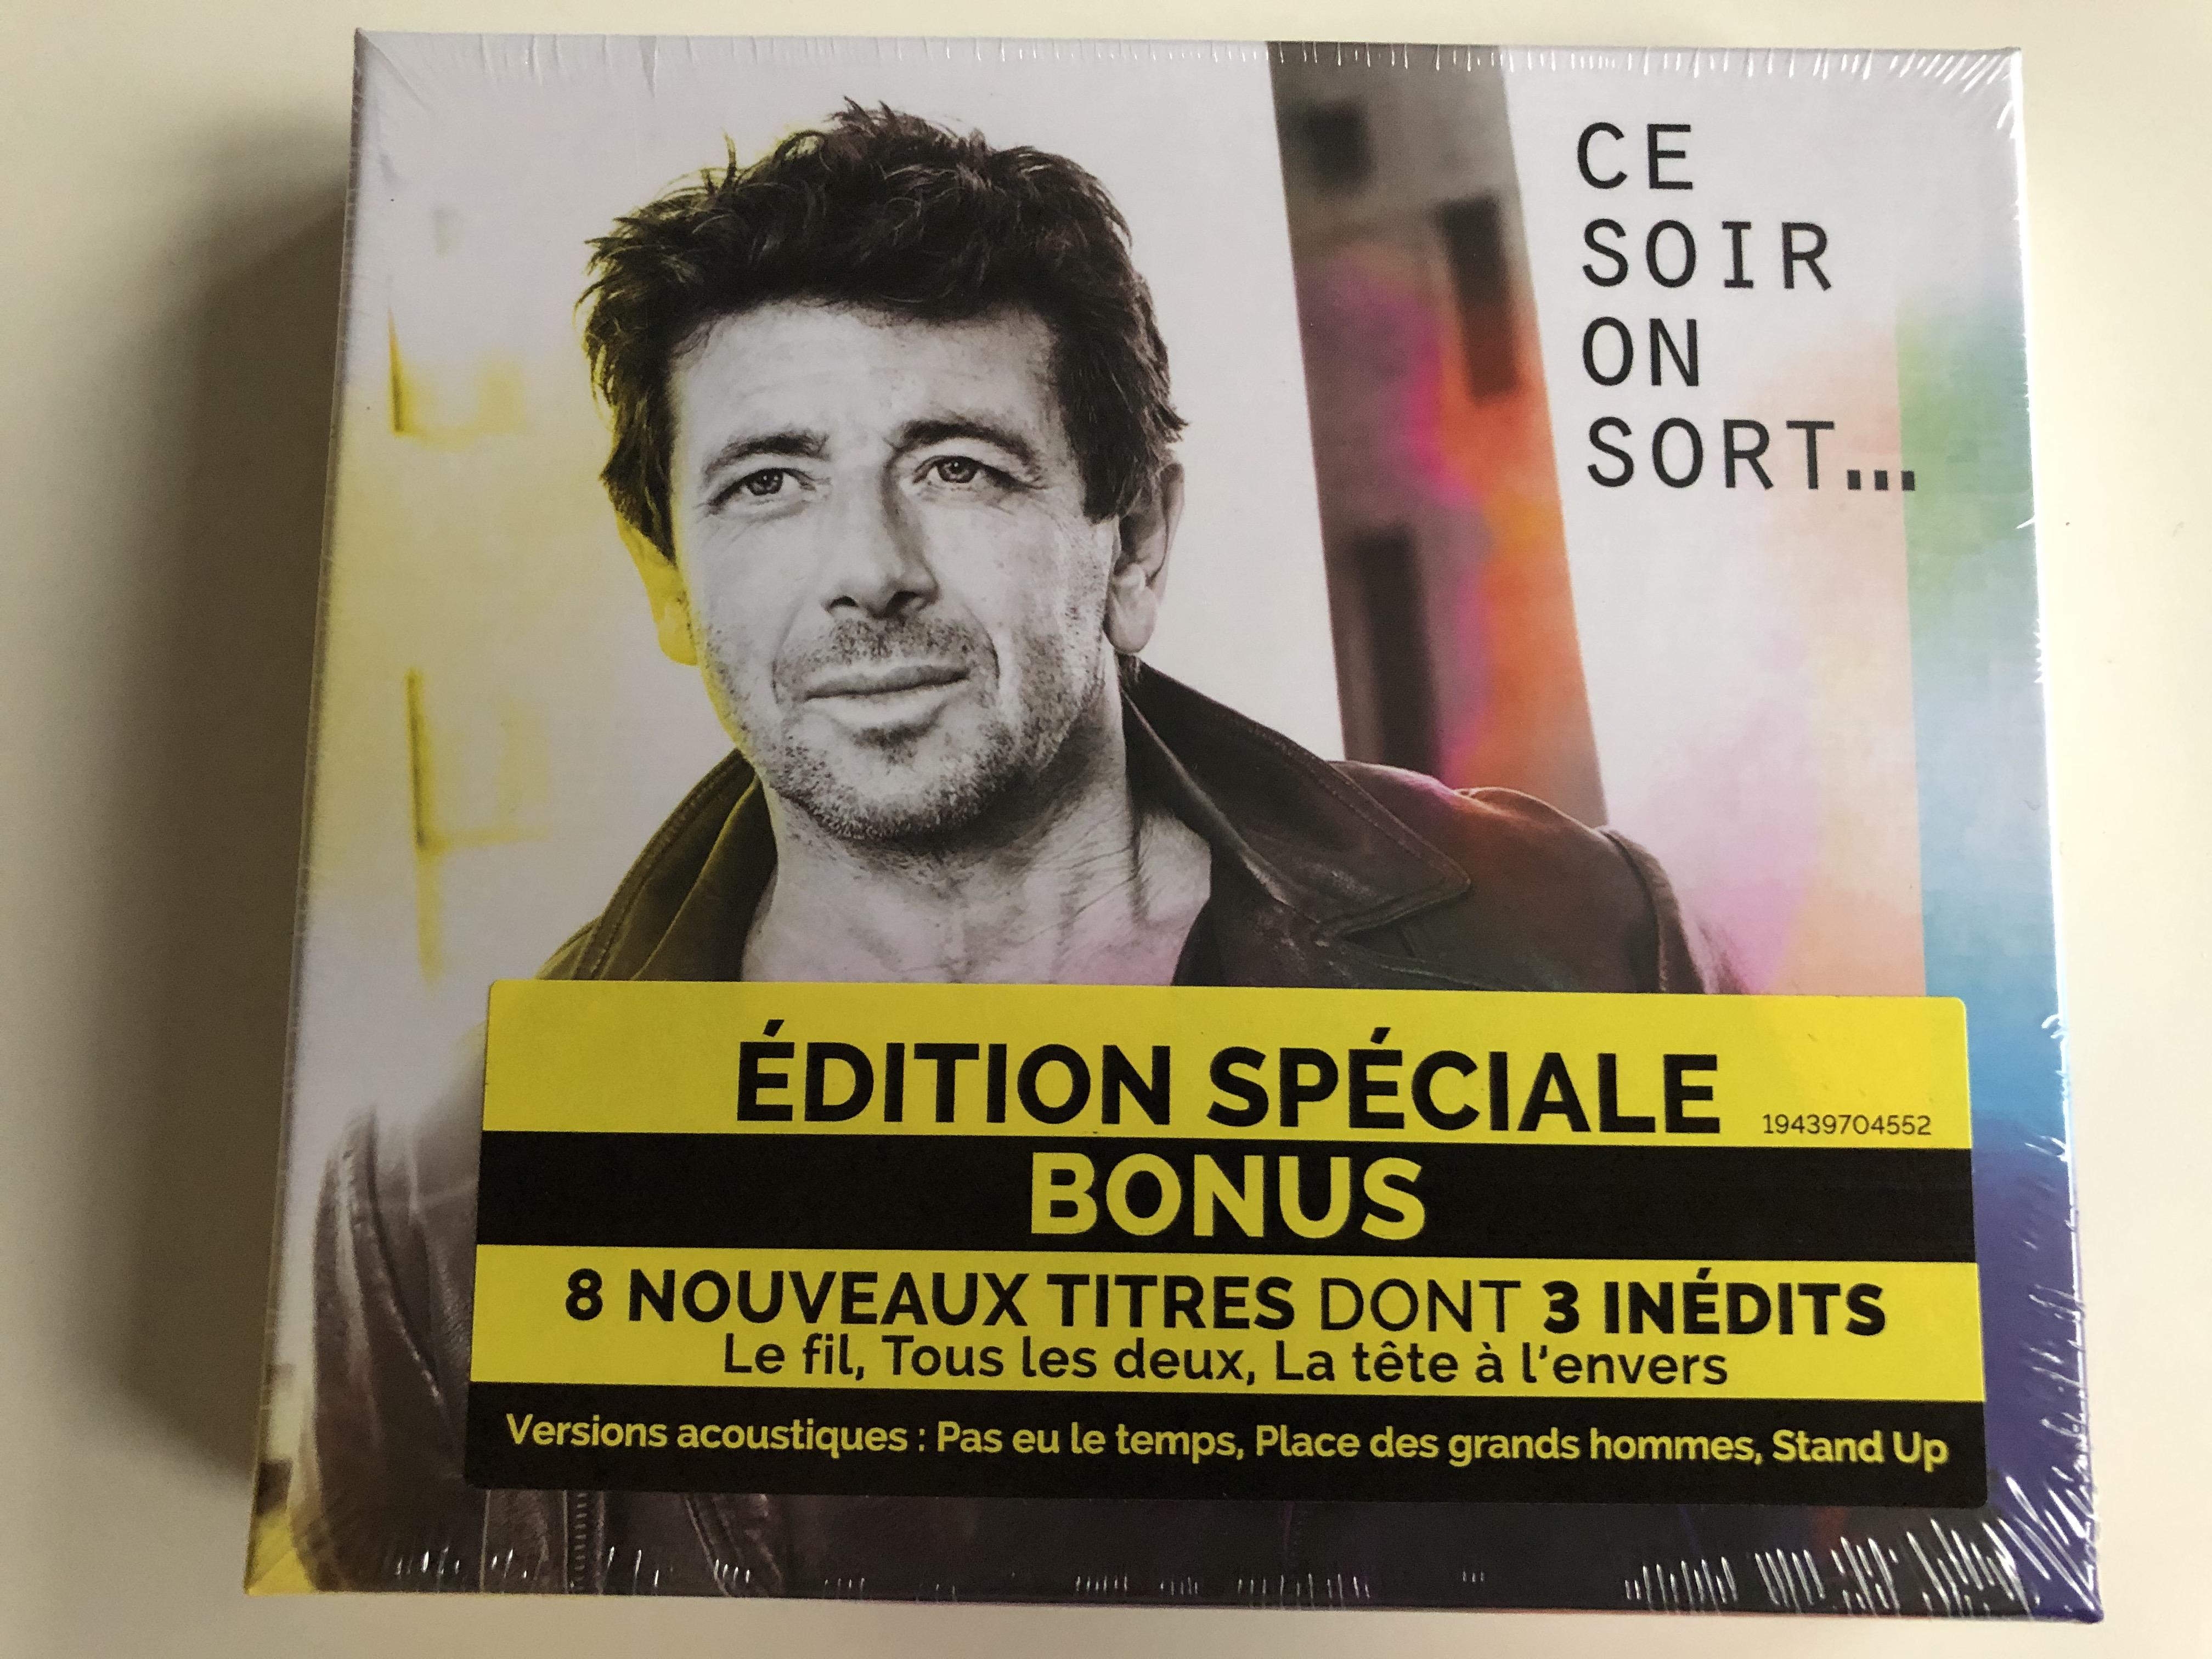 ce-soir-on-sort...-patrick-bruel-edition-speciale-bonus-8-nouveaux-titres-dont-3-inedits-le-fil-tous-les-deux-la-tete-a-l-envers-sony-music-2x-audio-cd-2019-19439704552-1-.jpg